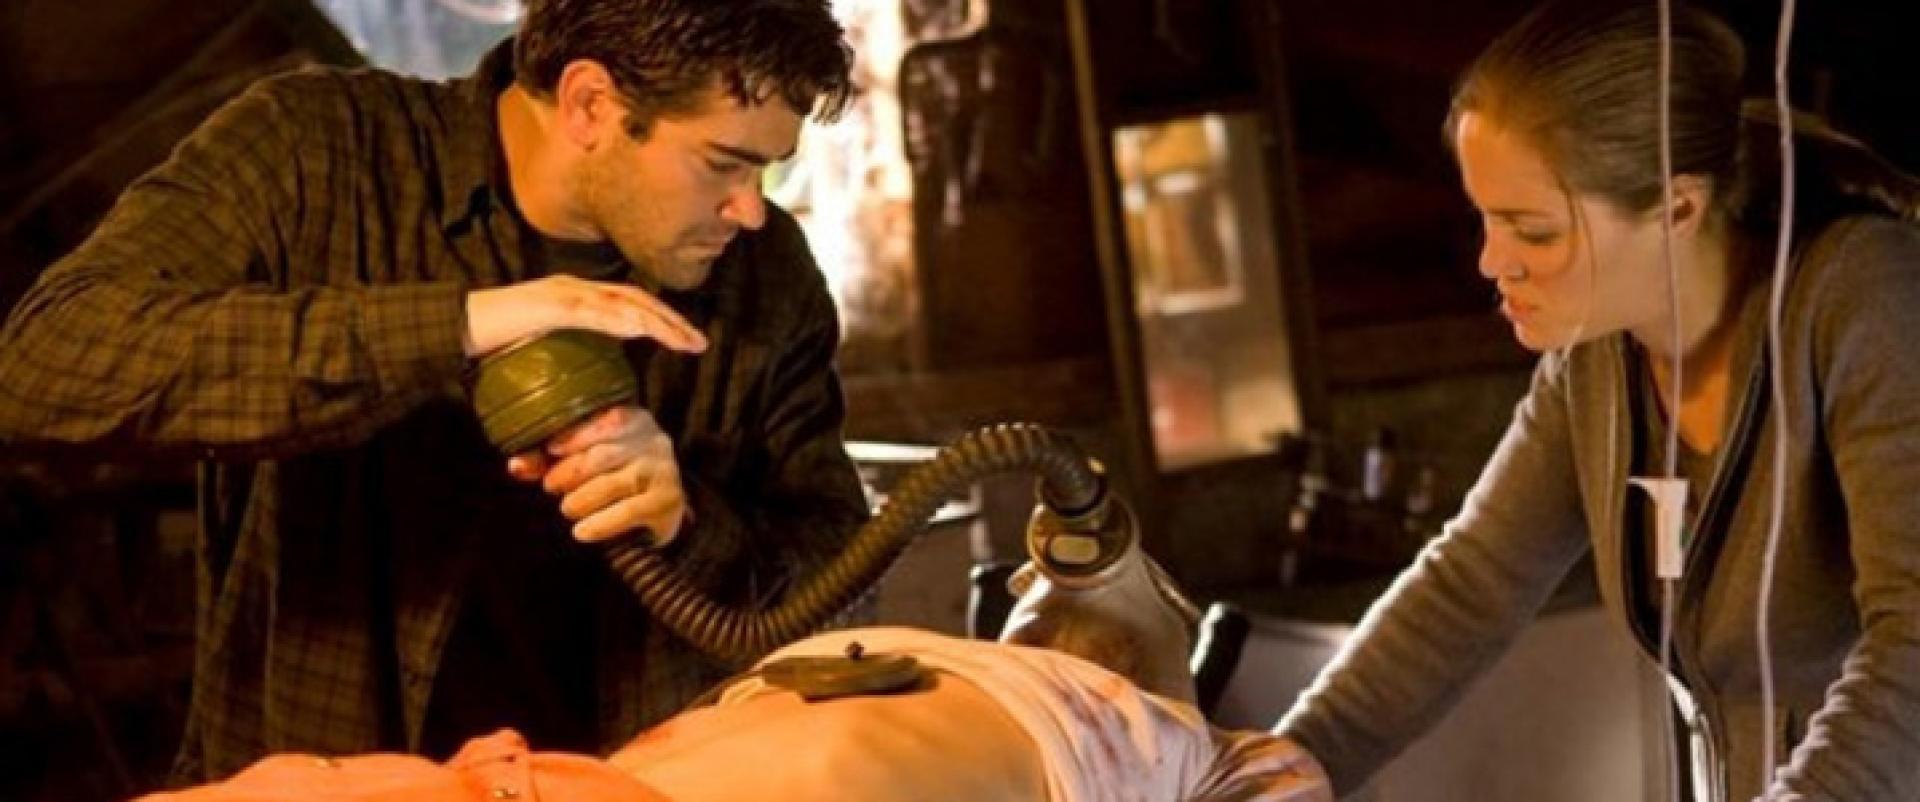 The Tortured - A megkínzott (2010)